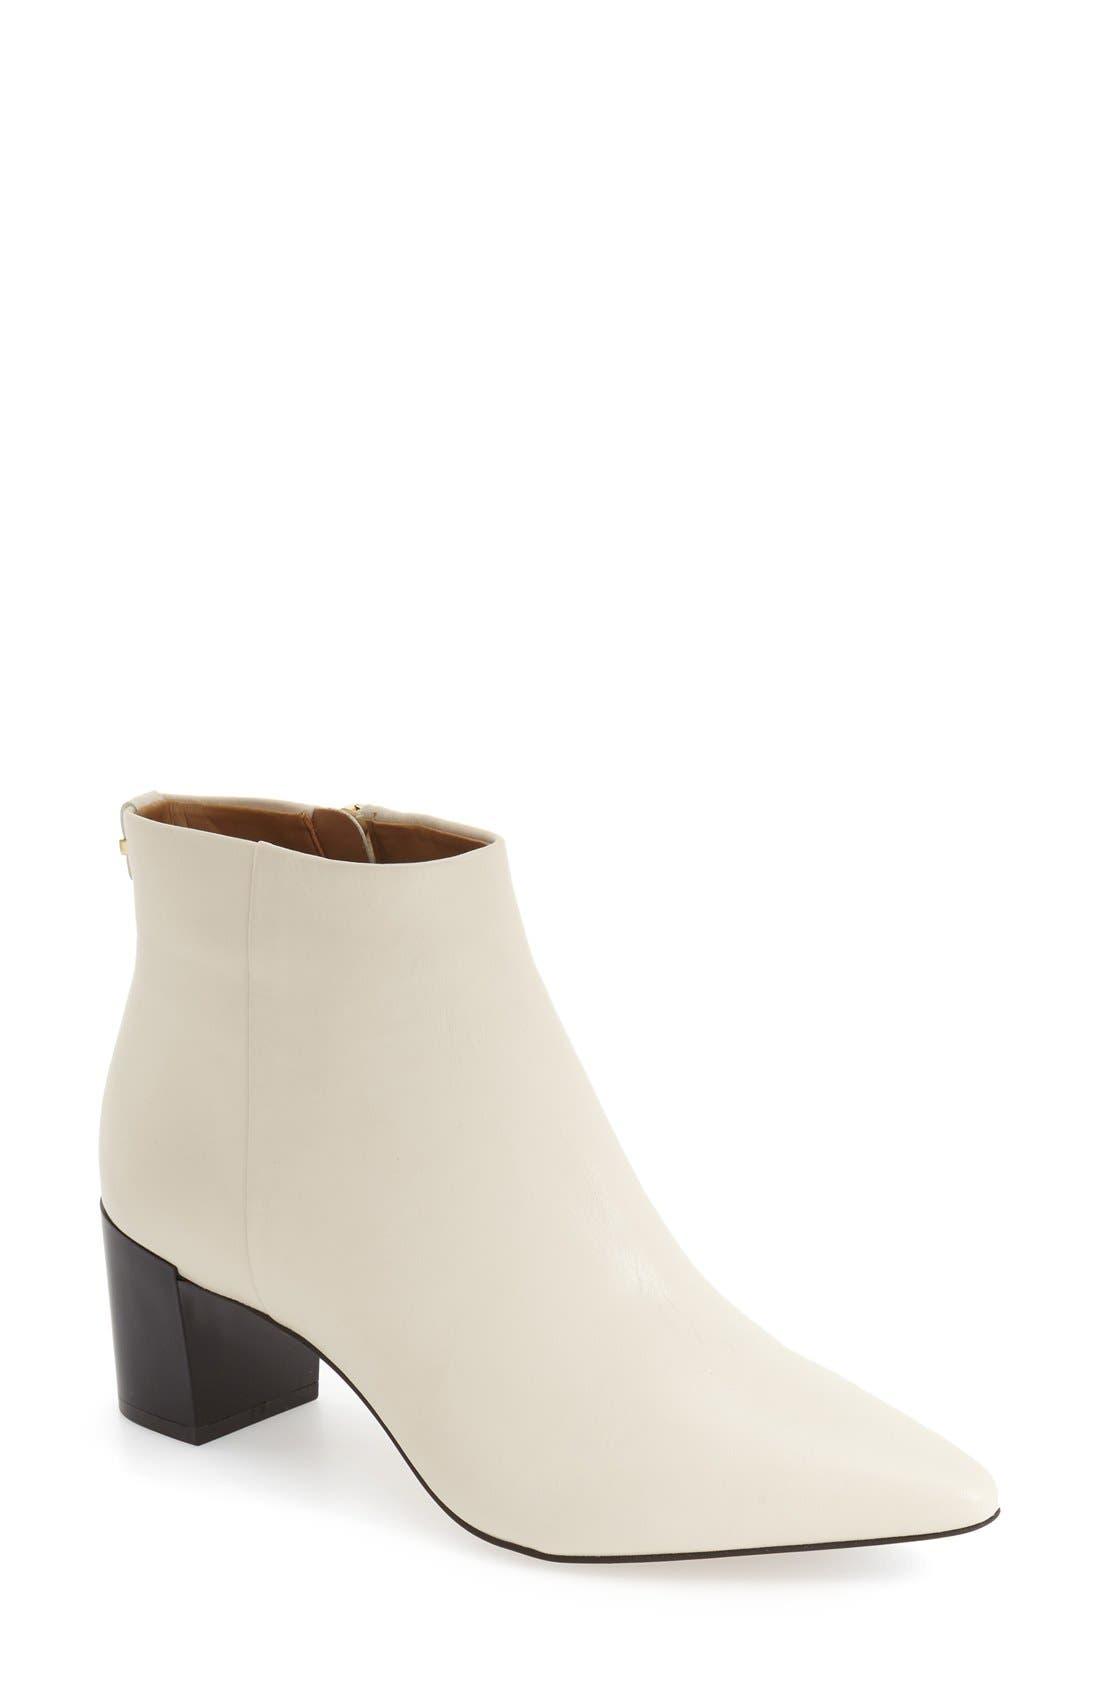 Main Image - Calvin Klein 'Narla' Block Heel Bootie (Women)